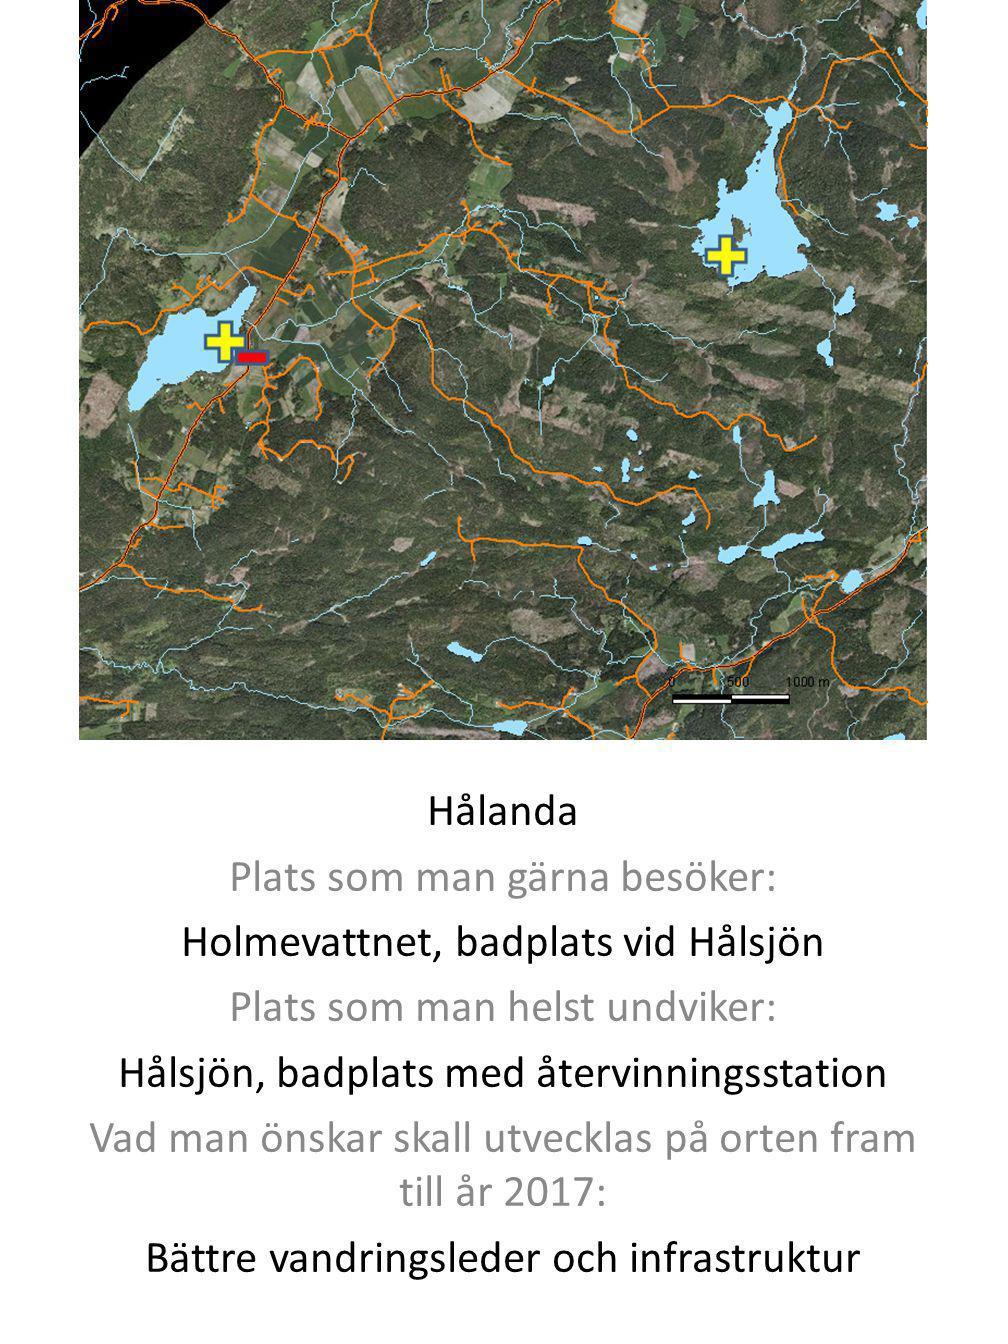 Plats som man gärna besöker: Holmevattnet, badplats vid Hålsjön